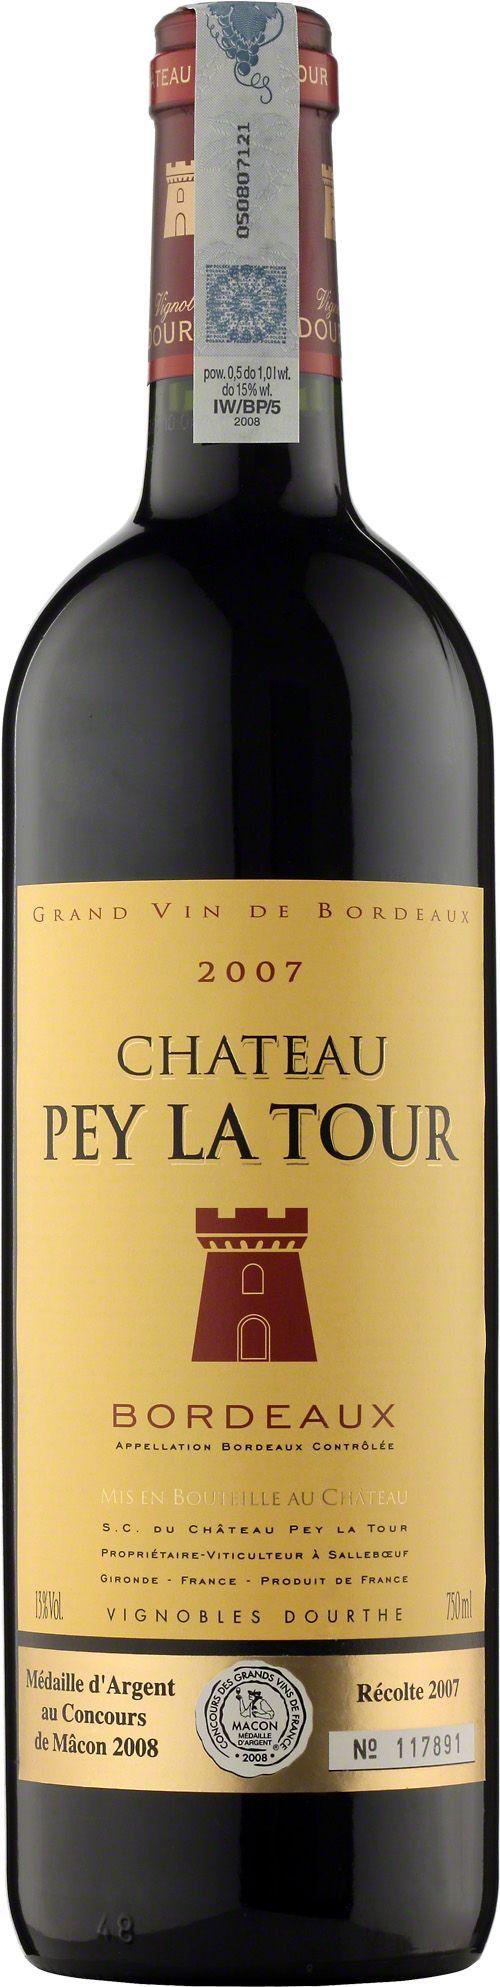 Chateau Pey La Tour Bordeaux A.O.C. Nasze flagowe, codzienne Bordeaux. Aromaty ciemnych owoców, ożywiająca kwasowość i garbniki czynią to wino świetnym kompanem kolacji czy grilla. Wino to zdobyło wyróżnienie Medaille d'Argent au Concours de Macon 2008 - Concours des Grands Vins de France. #Wino #Bordeaux #Winezja #Chateau #PeyLaTour